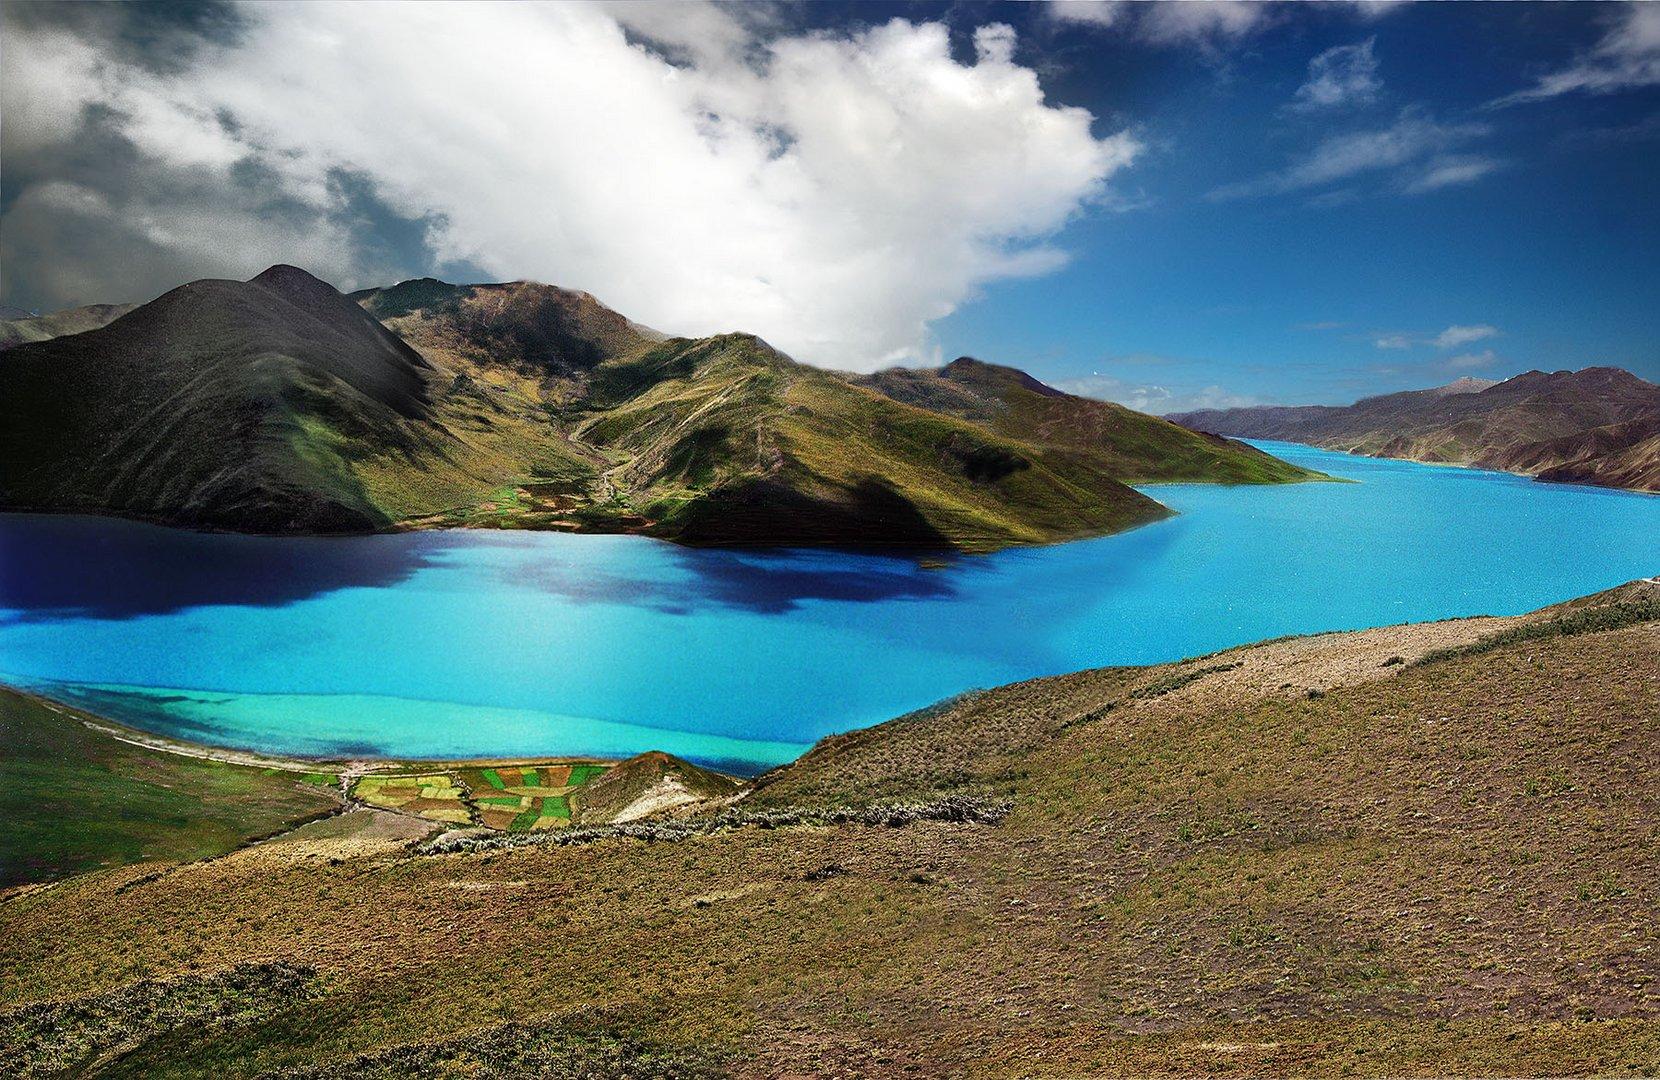 The Sacred Lake 2